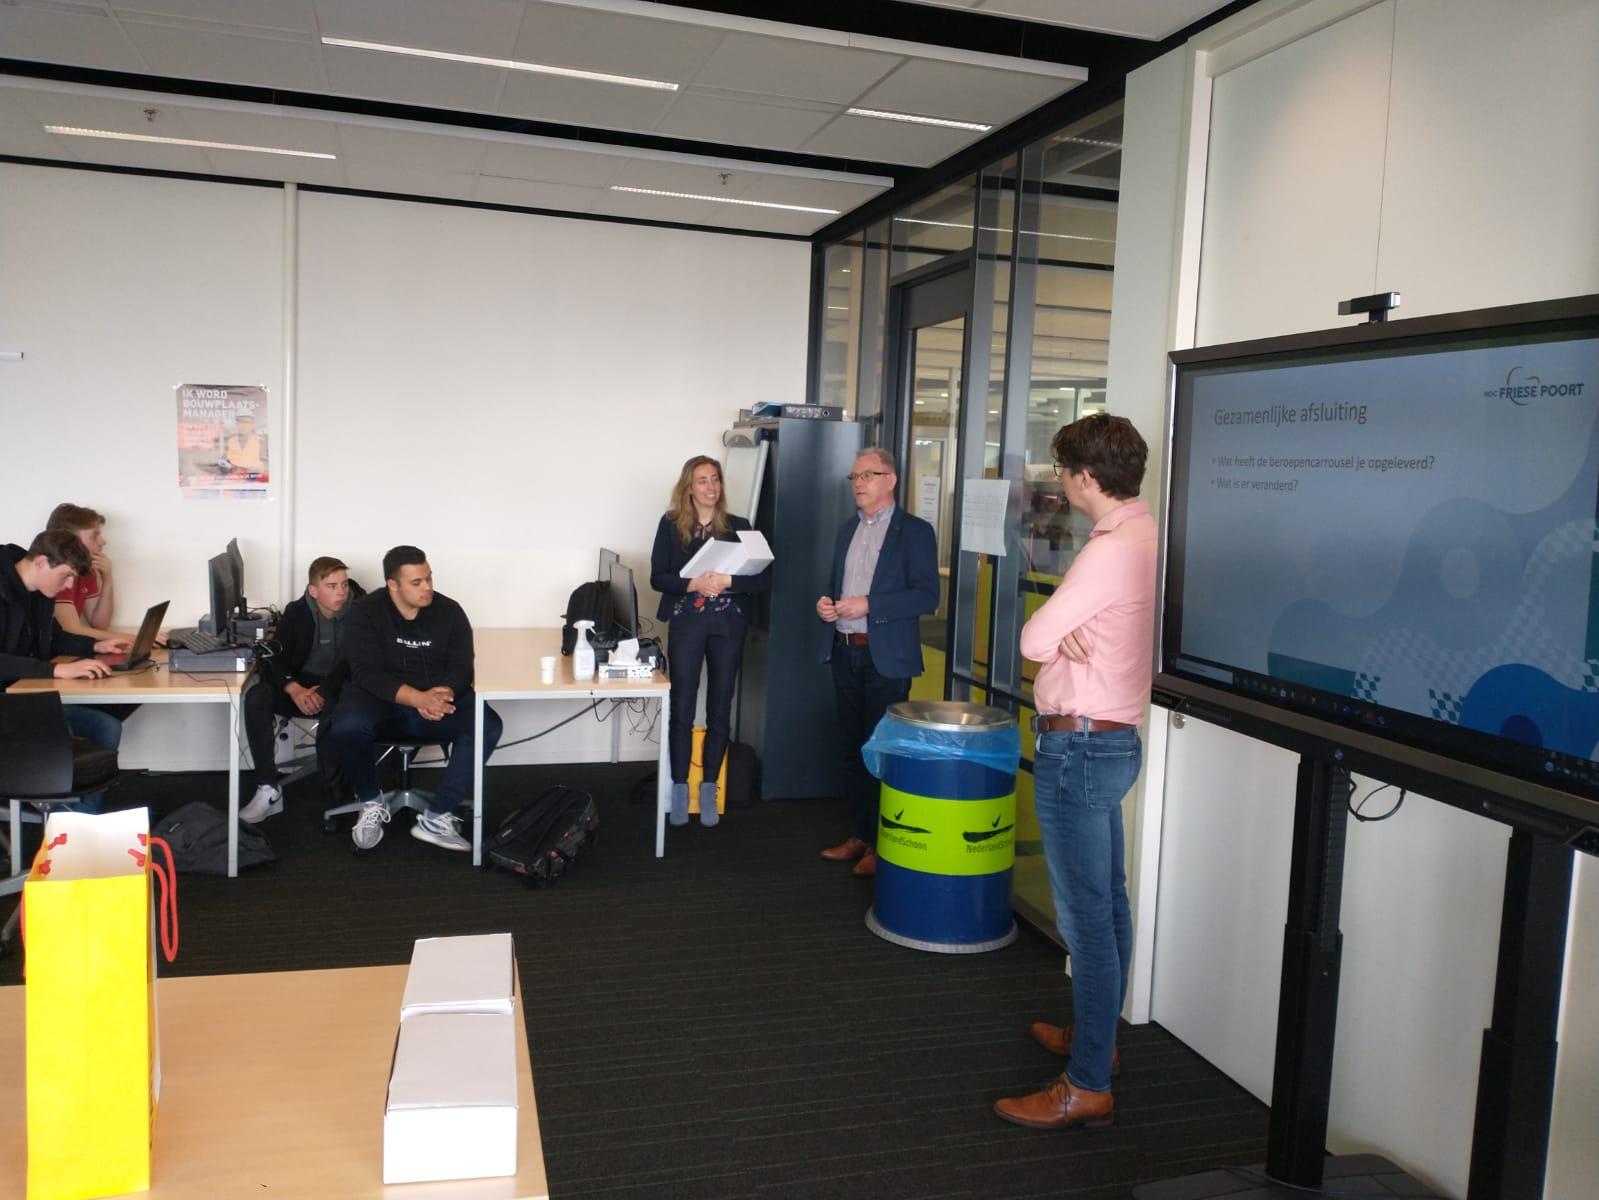 Digitale beroepencarrousel vanuit Heijmans voor Bouw- en Infrastudenten